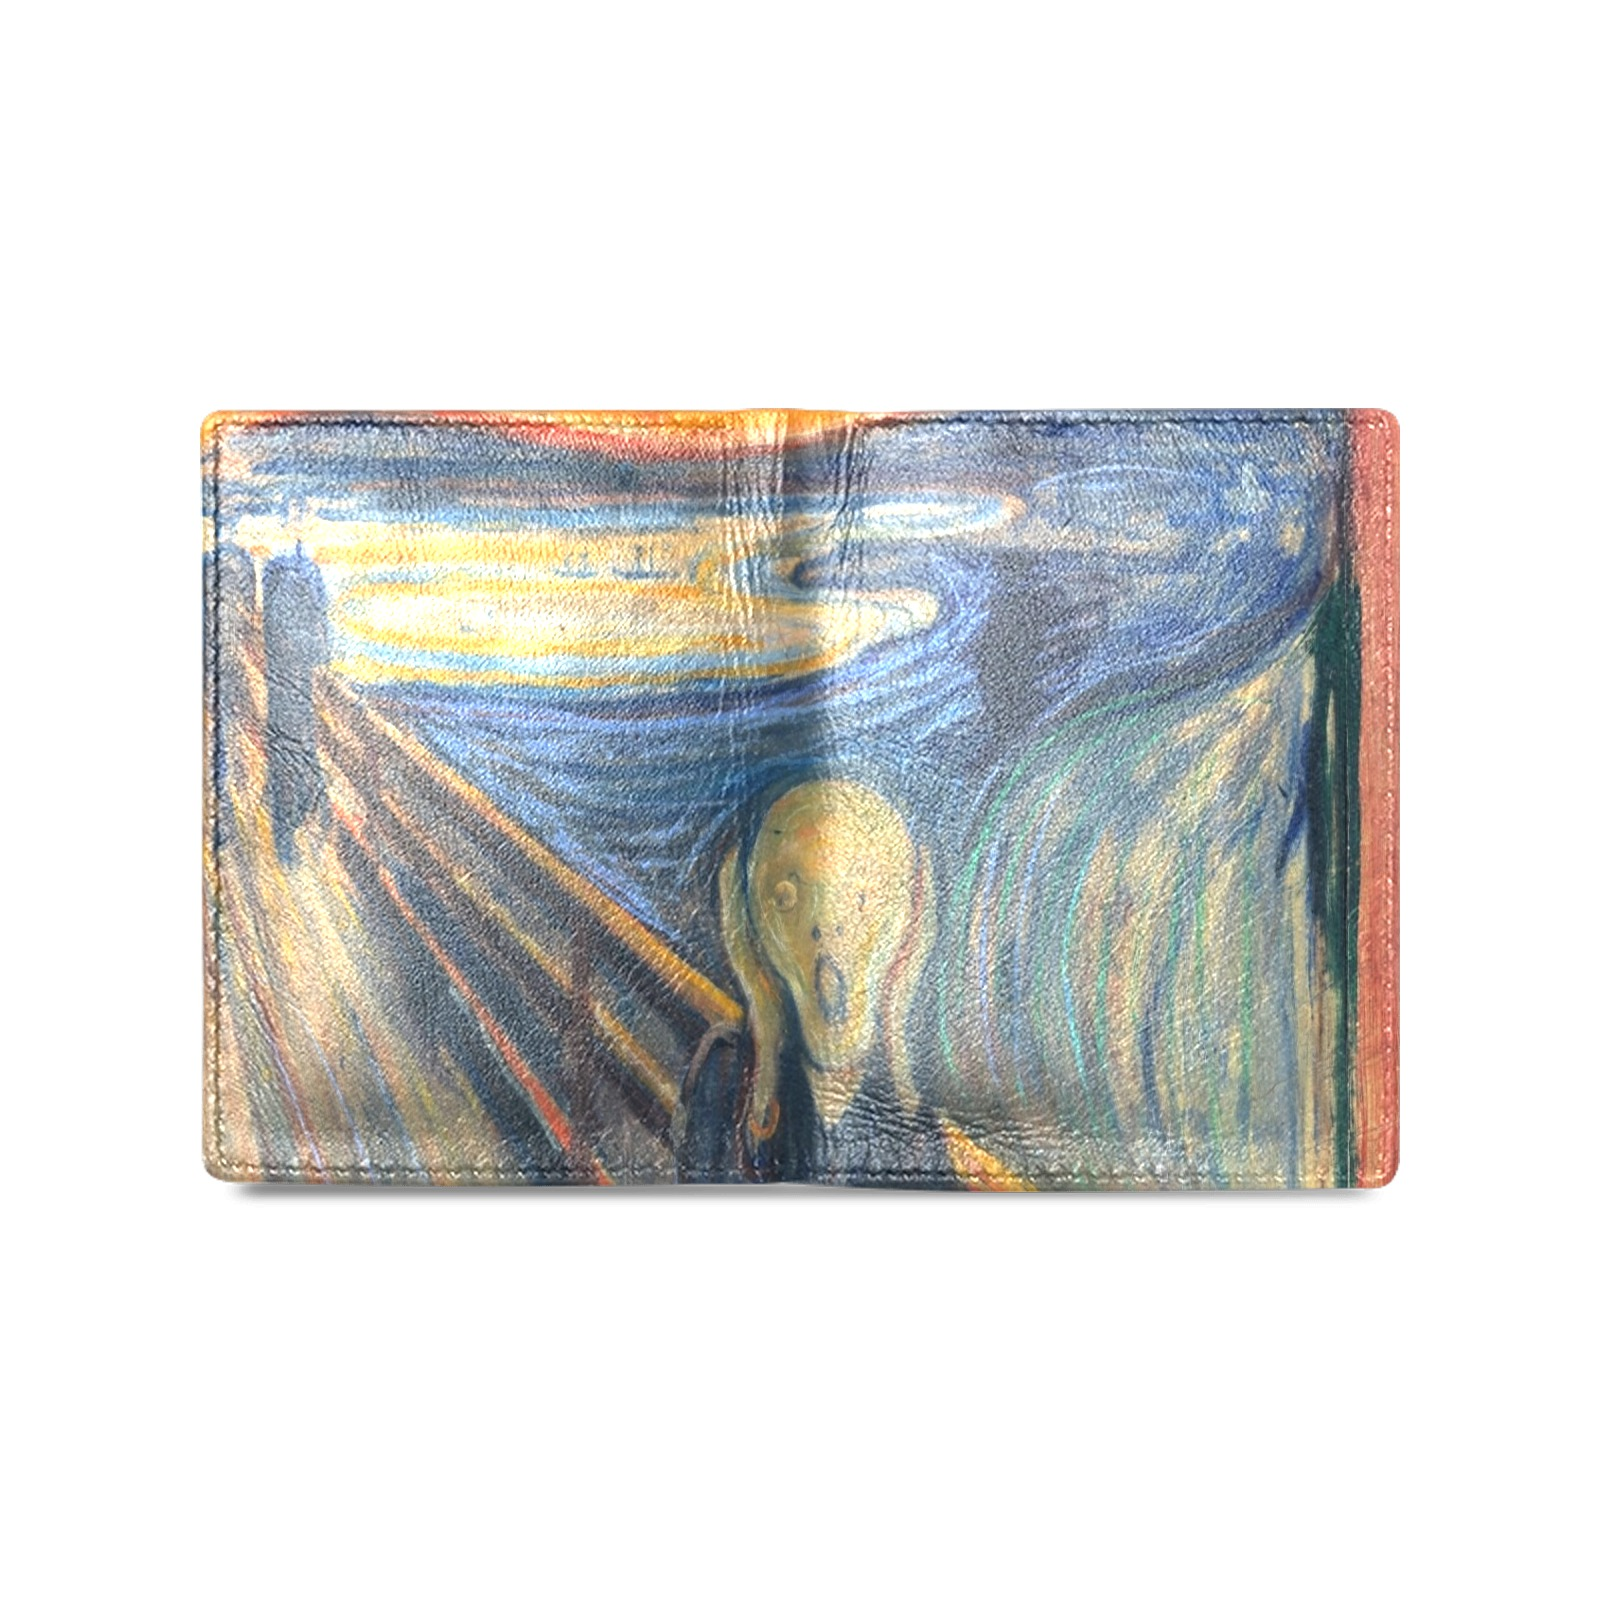 Edvard Munch-The scream Men's Leather Wallet (Model 1612)